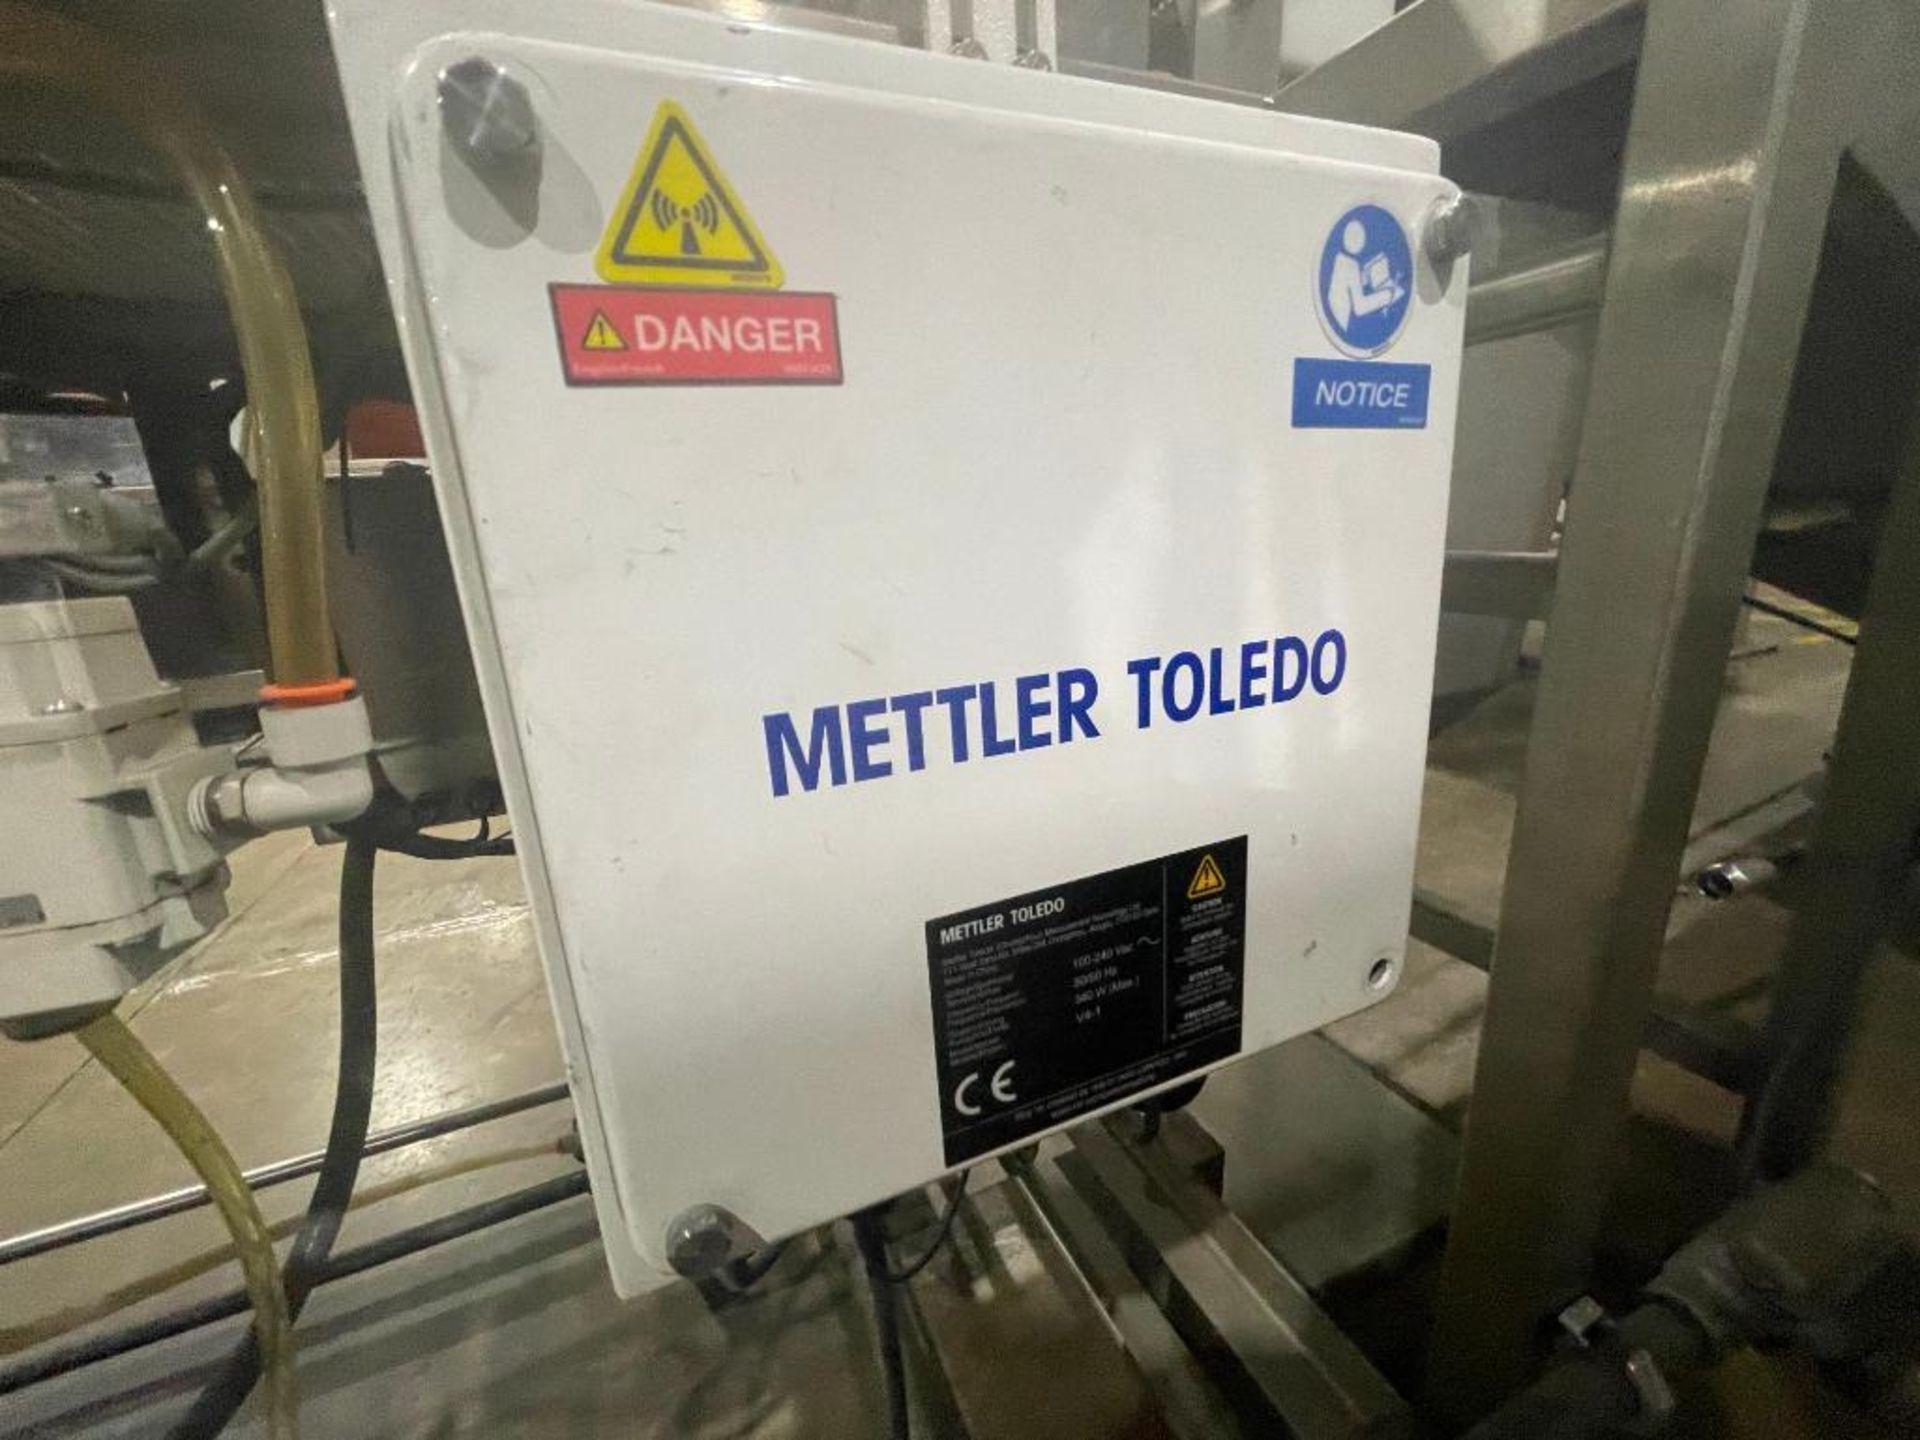 2016 Mettler Toledo metal detector, model SL1500 - Image 10 of 15